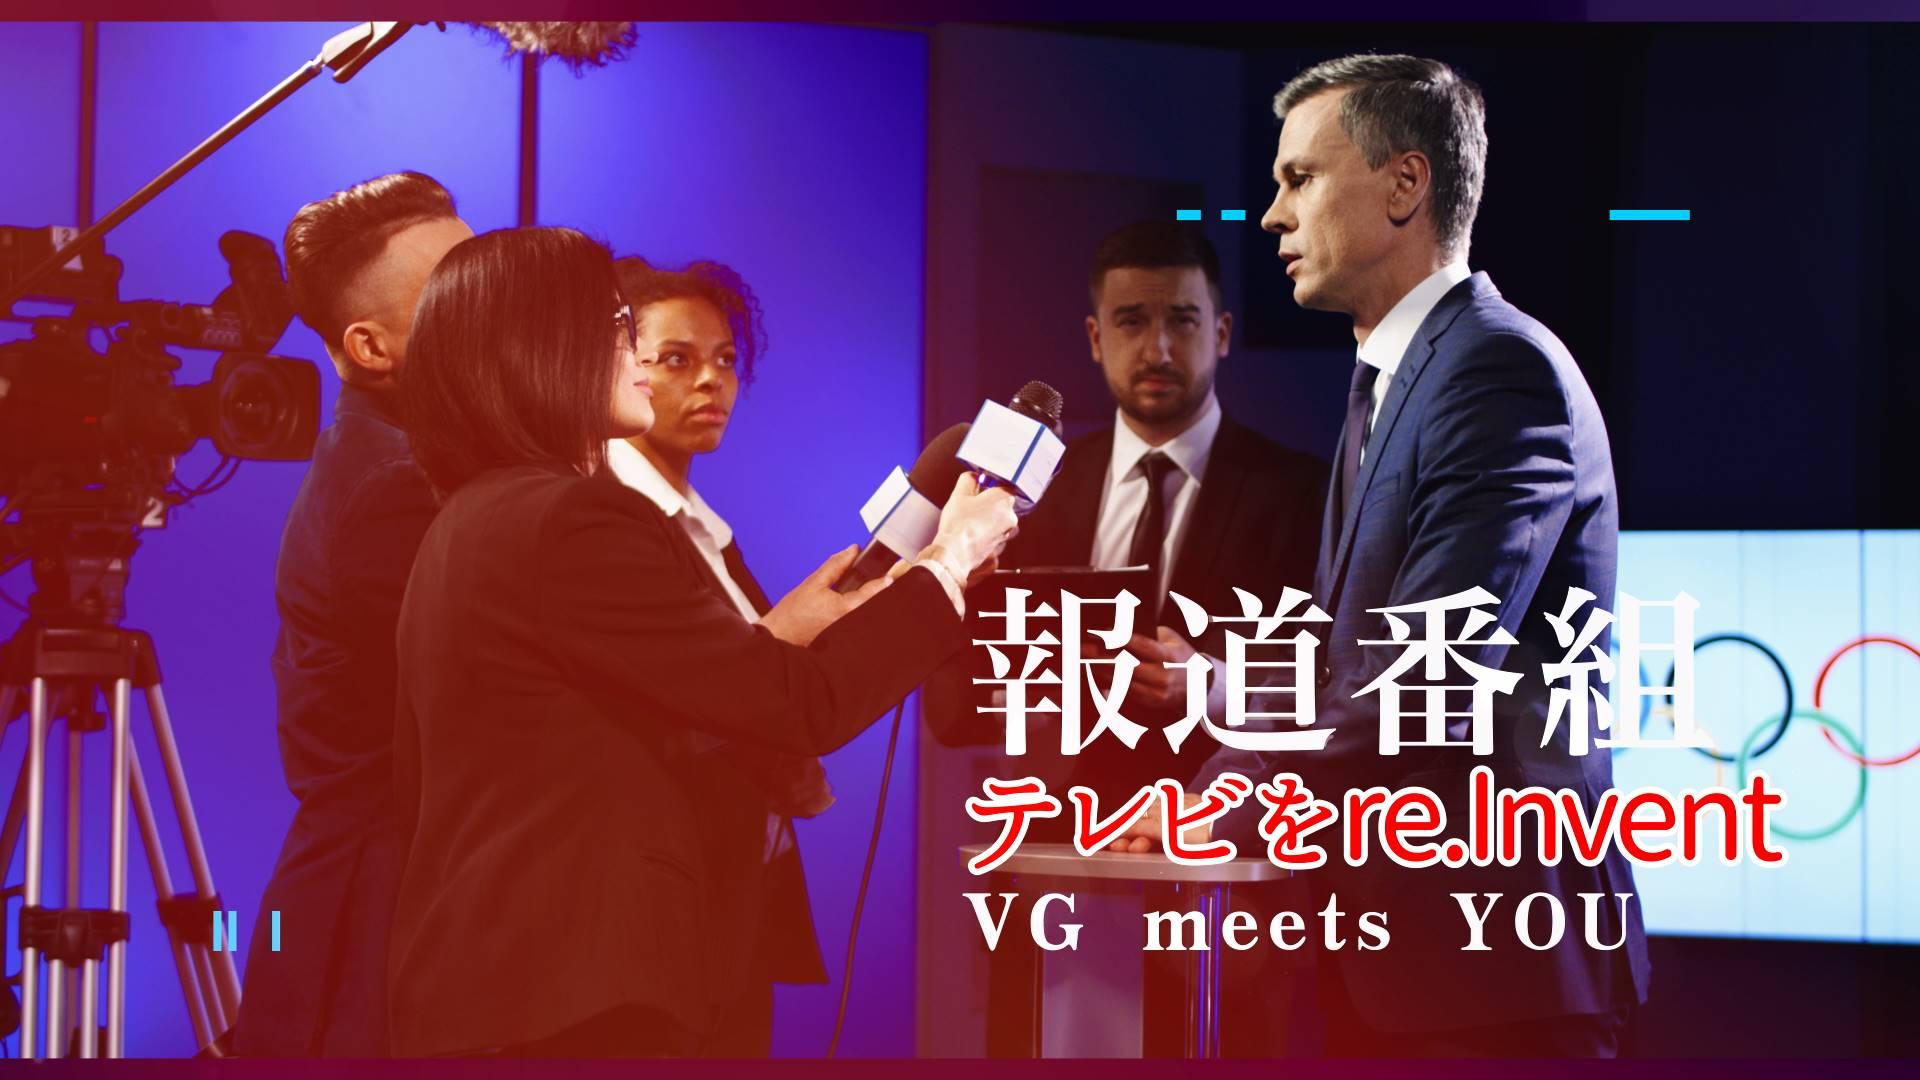 イベント プロモーションビデオ・オープニング動画制作はビデオグラフィ・法人 企業 ビジネス イベント